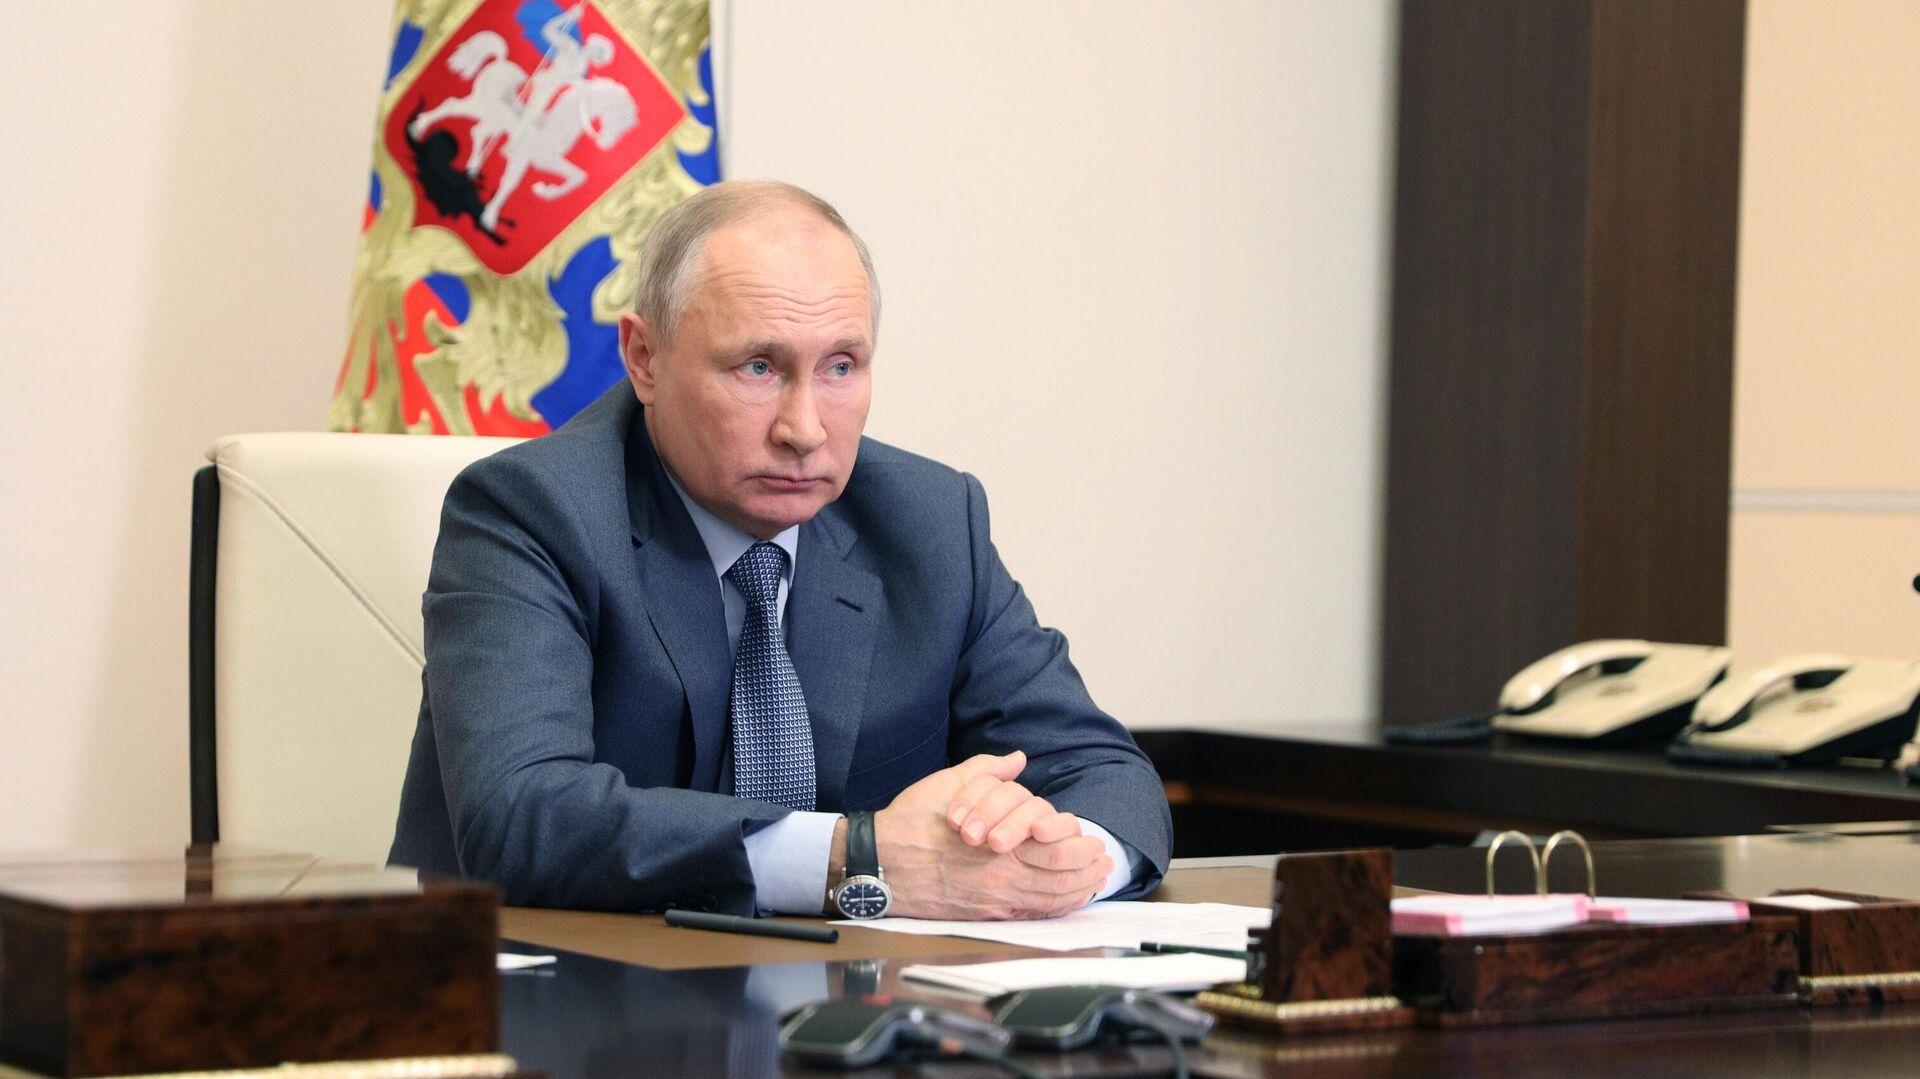 Президент РФ Владимир Путин проводит в режиме видеоконференции совещание с членами правительства РФ - РИА Новости, 1920, 18.05.2021